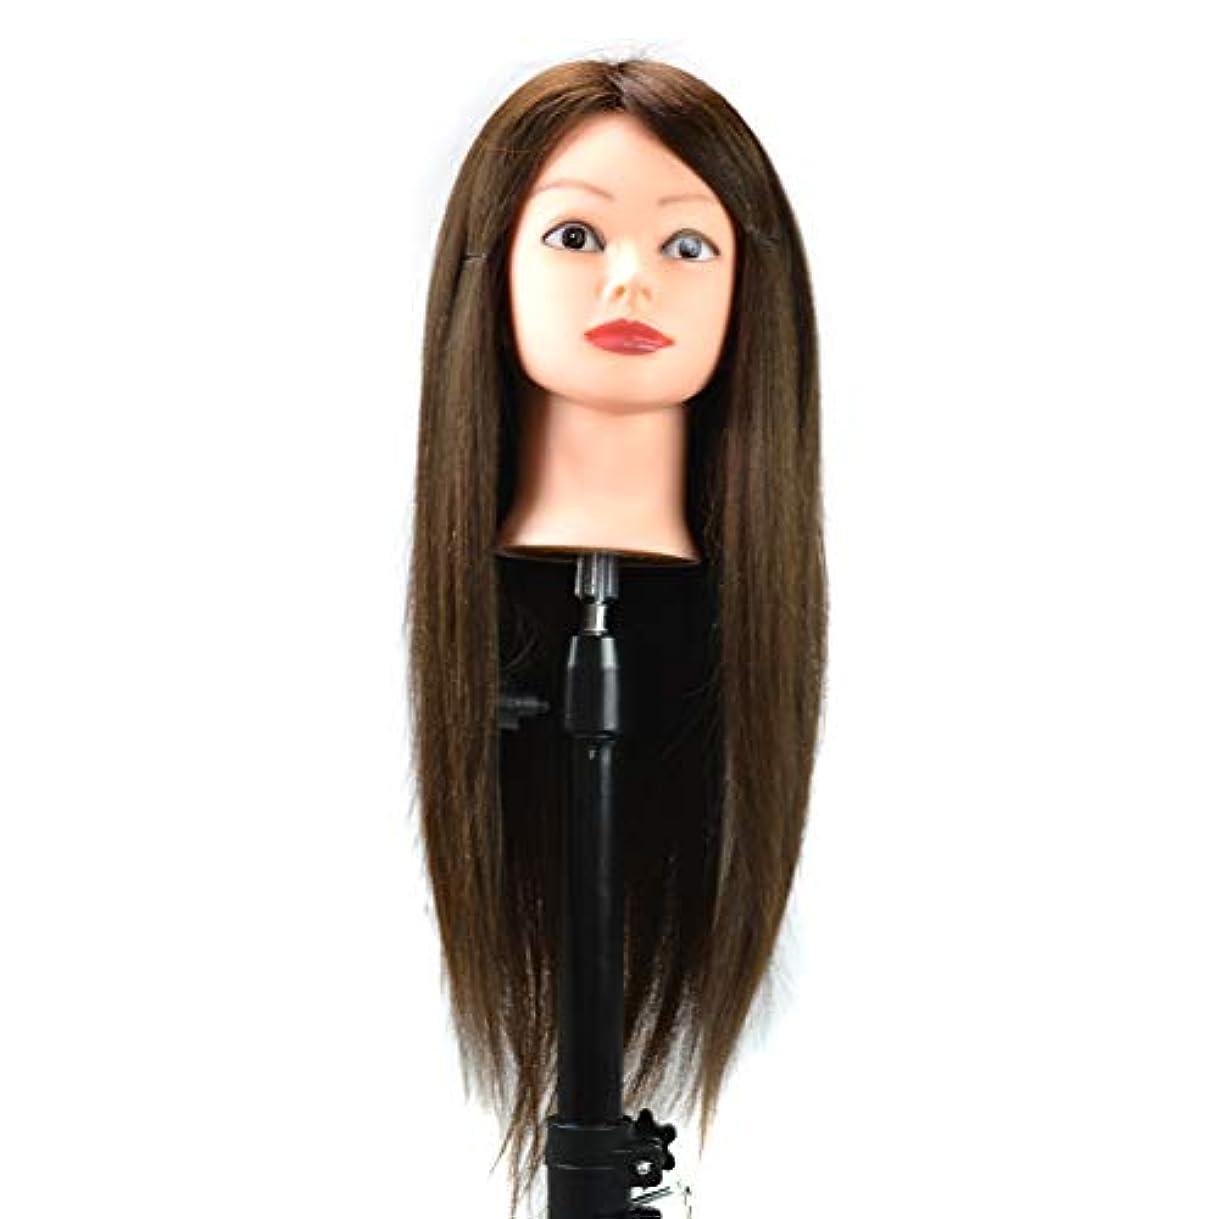 サイレント印をつける取り囲むスタイリング編組ダミーヘッドトレーニングヘッドディスクヘアーメイクアップウィッグマネキンヘッドにすることができますヘアカール人間の髪の練習ヘッドモールド